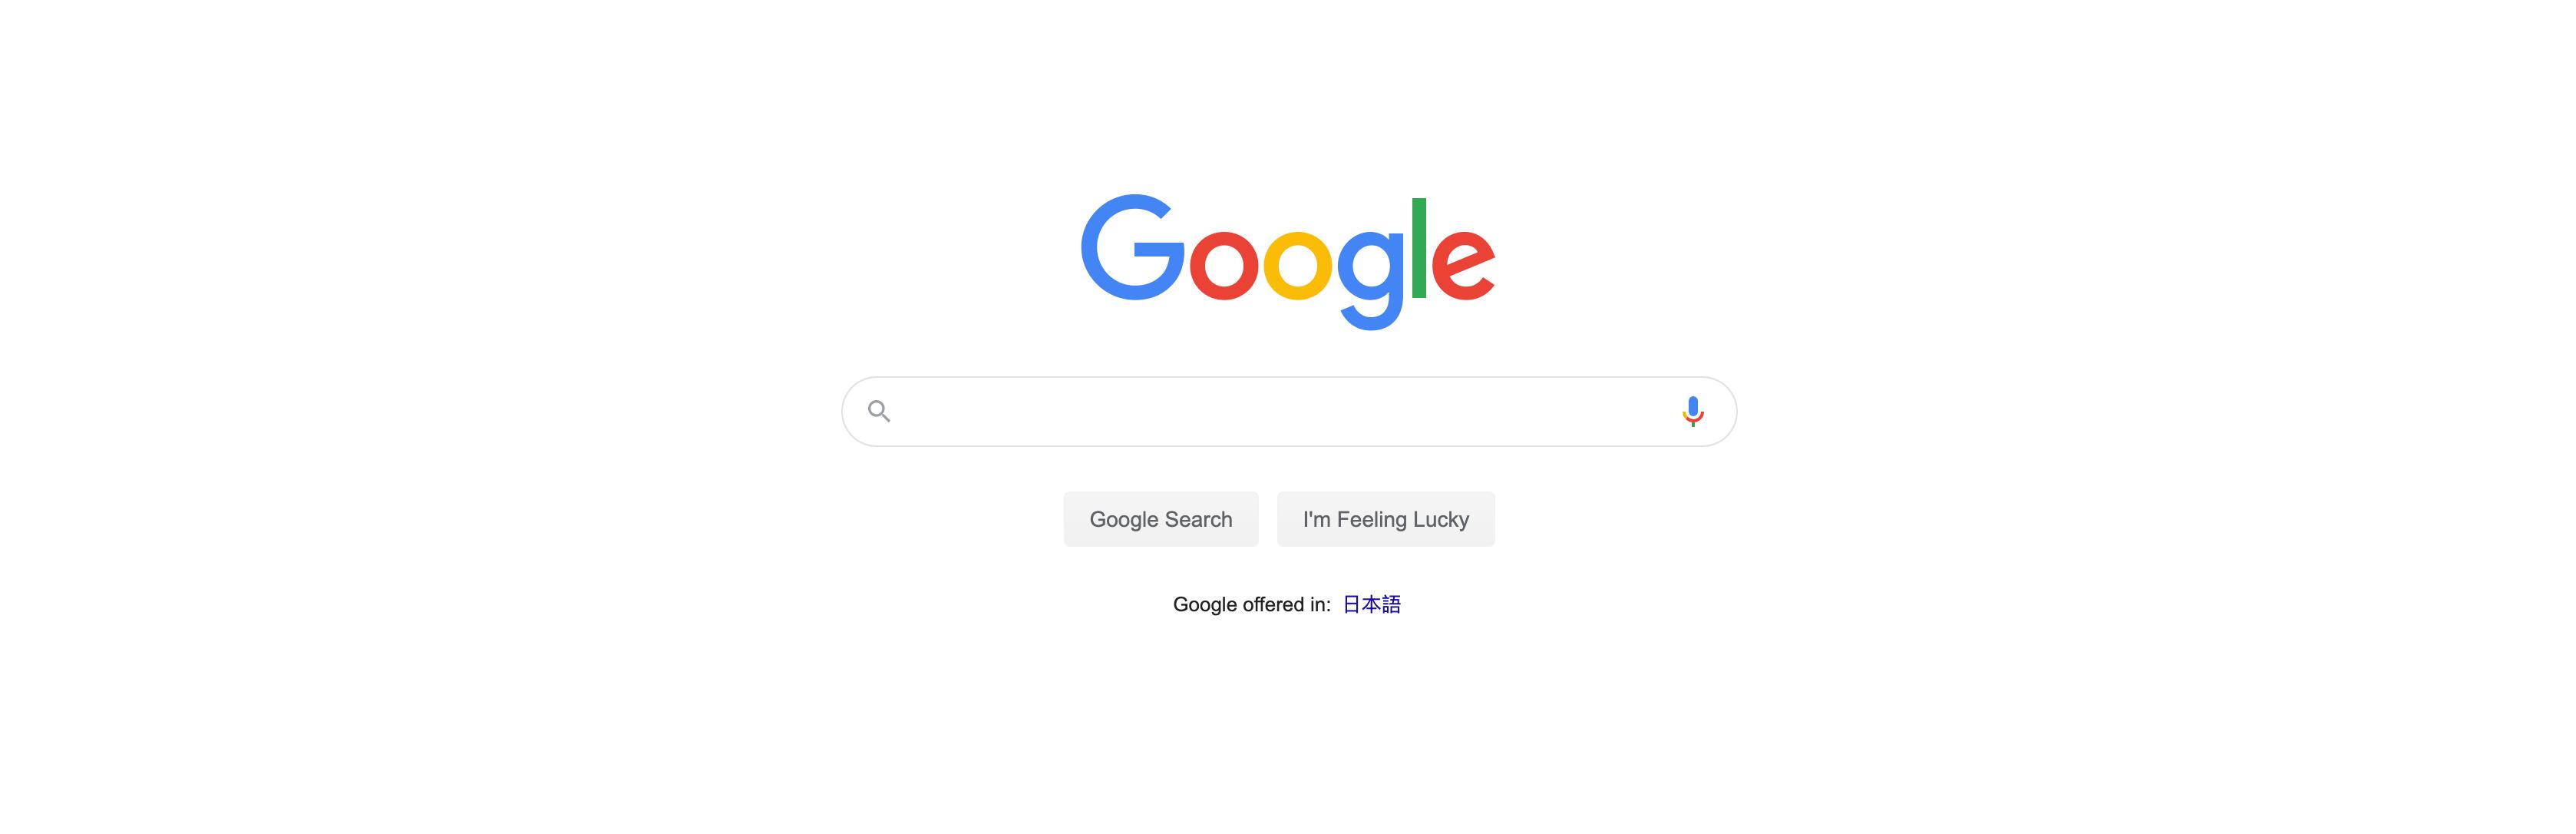 Googleのトップページが表示される